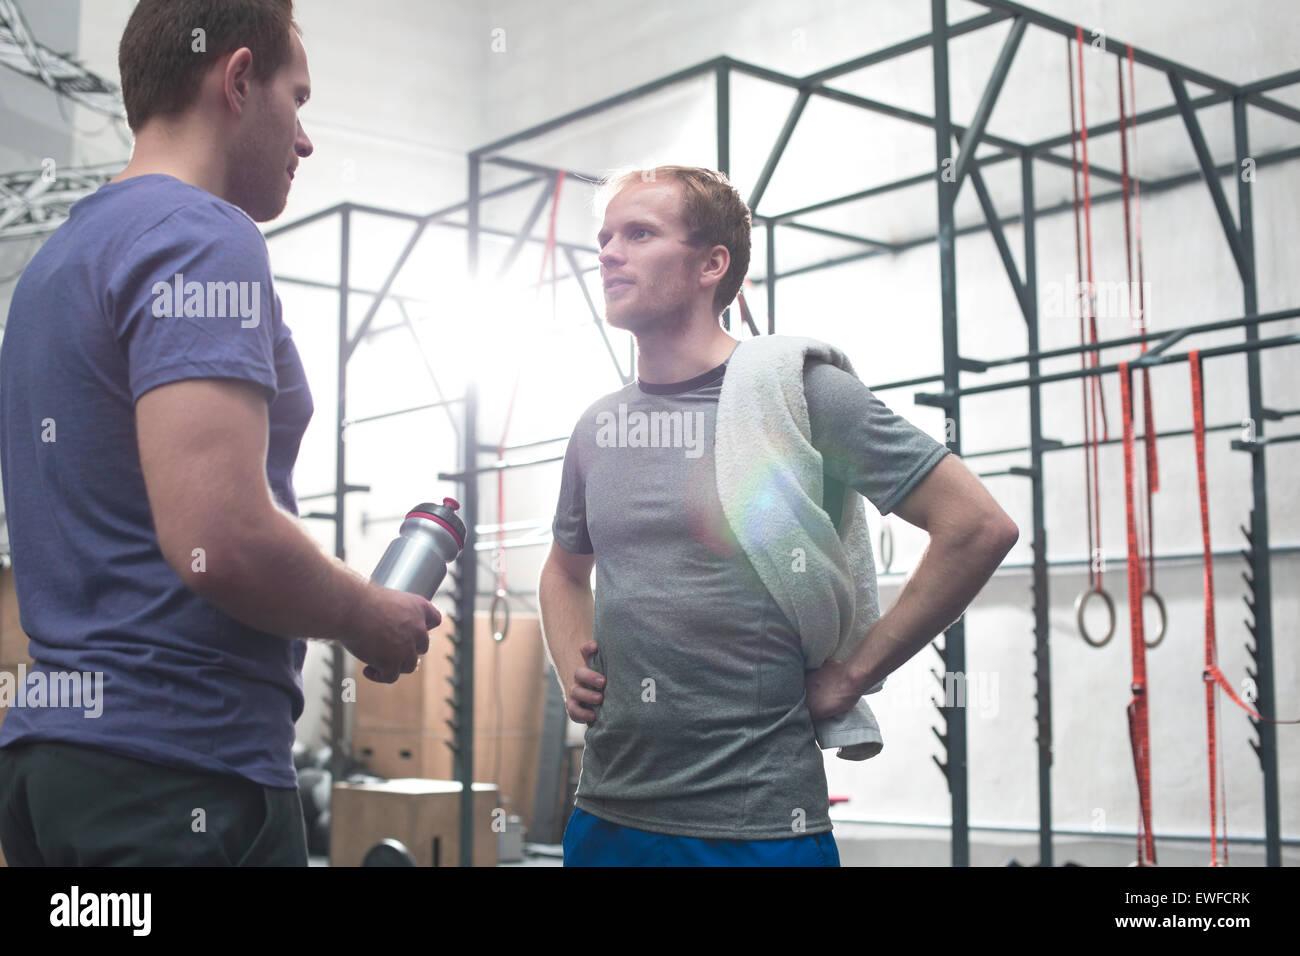 Männliche Freunde reden in Crossfit gym Stockbild